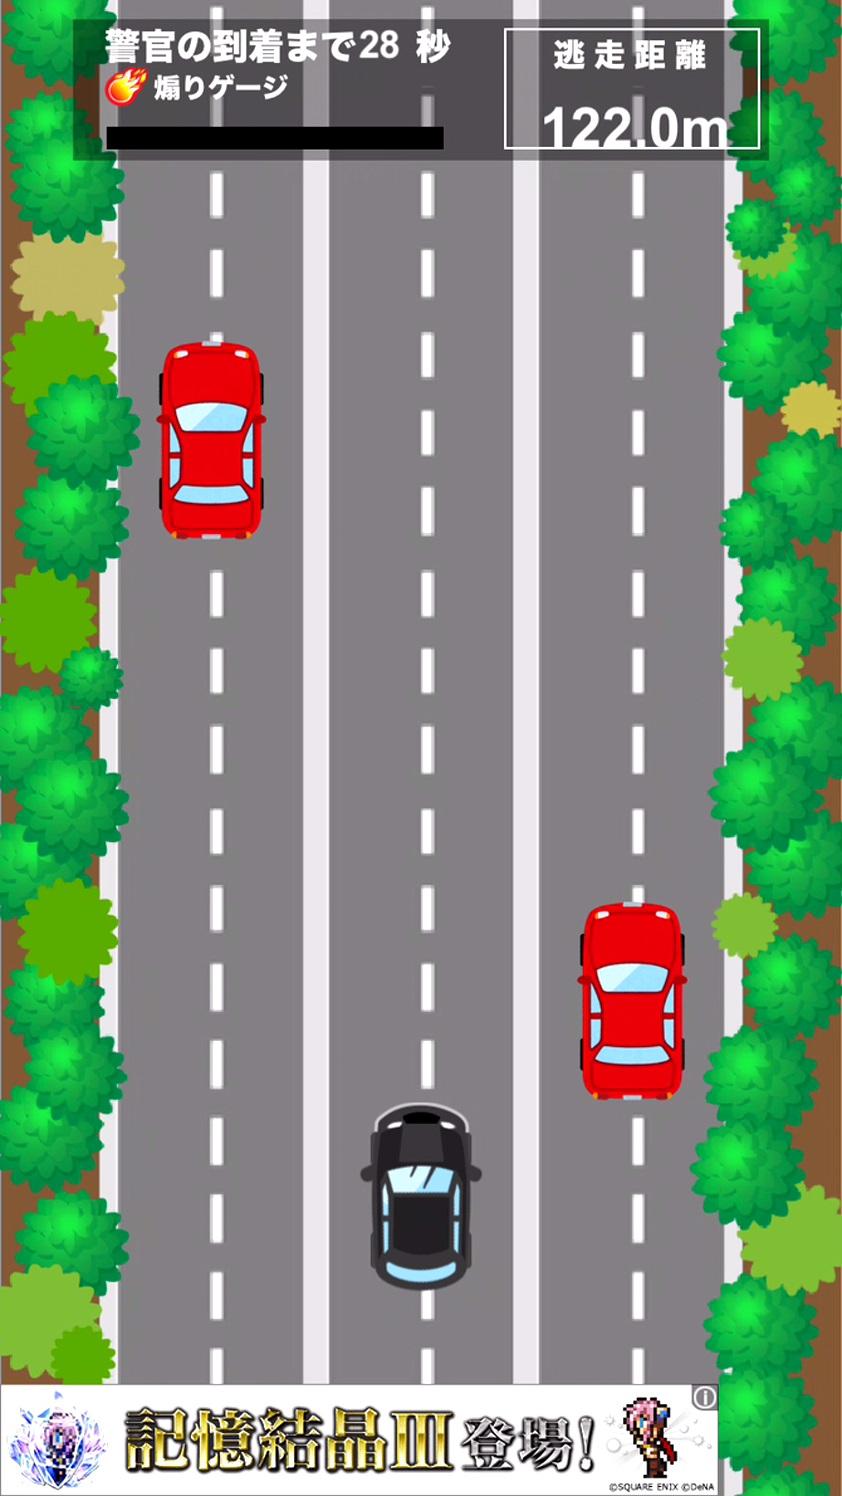 ただいま逃走中! 〜超絶カーアクション!天才ドライバーの試練〜 androidアプリスクリーンショット1